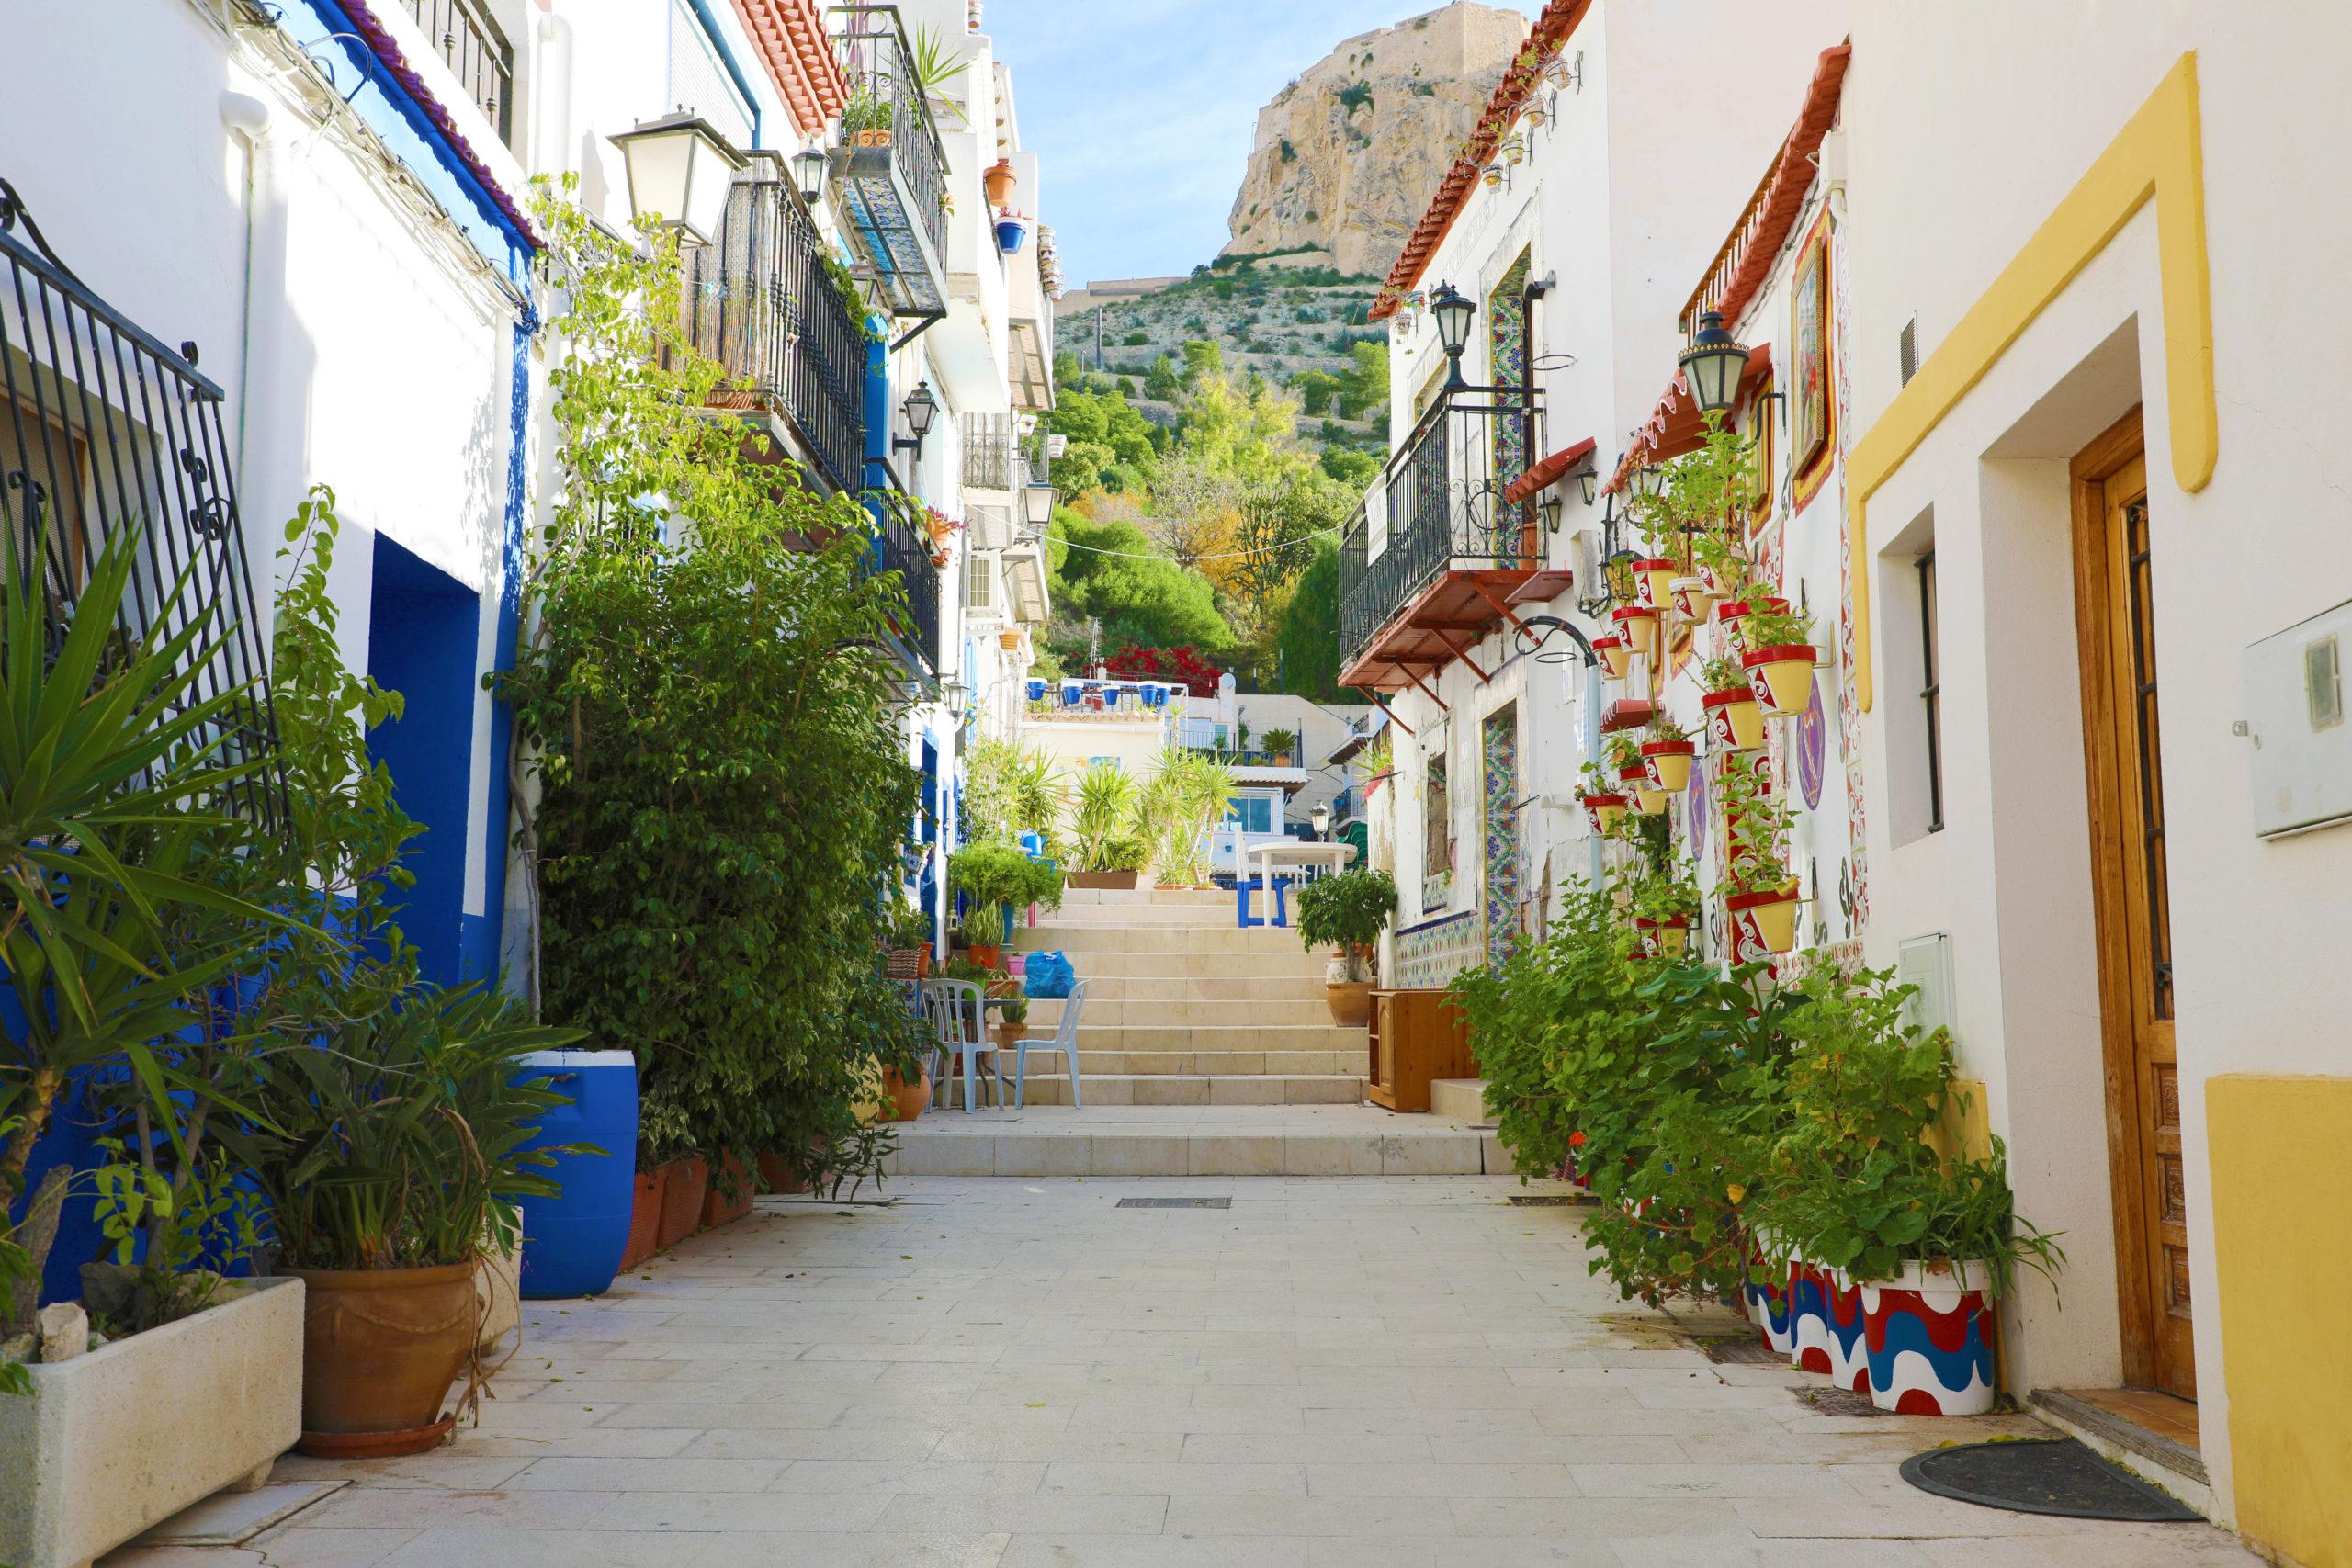 fotografía del barrio de santa cruz, alicante